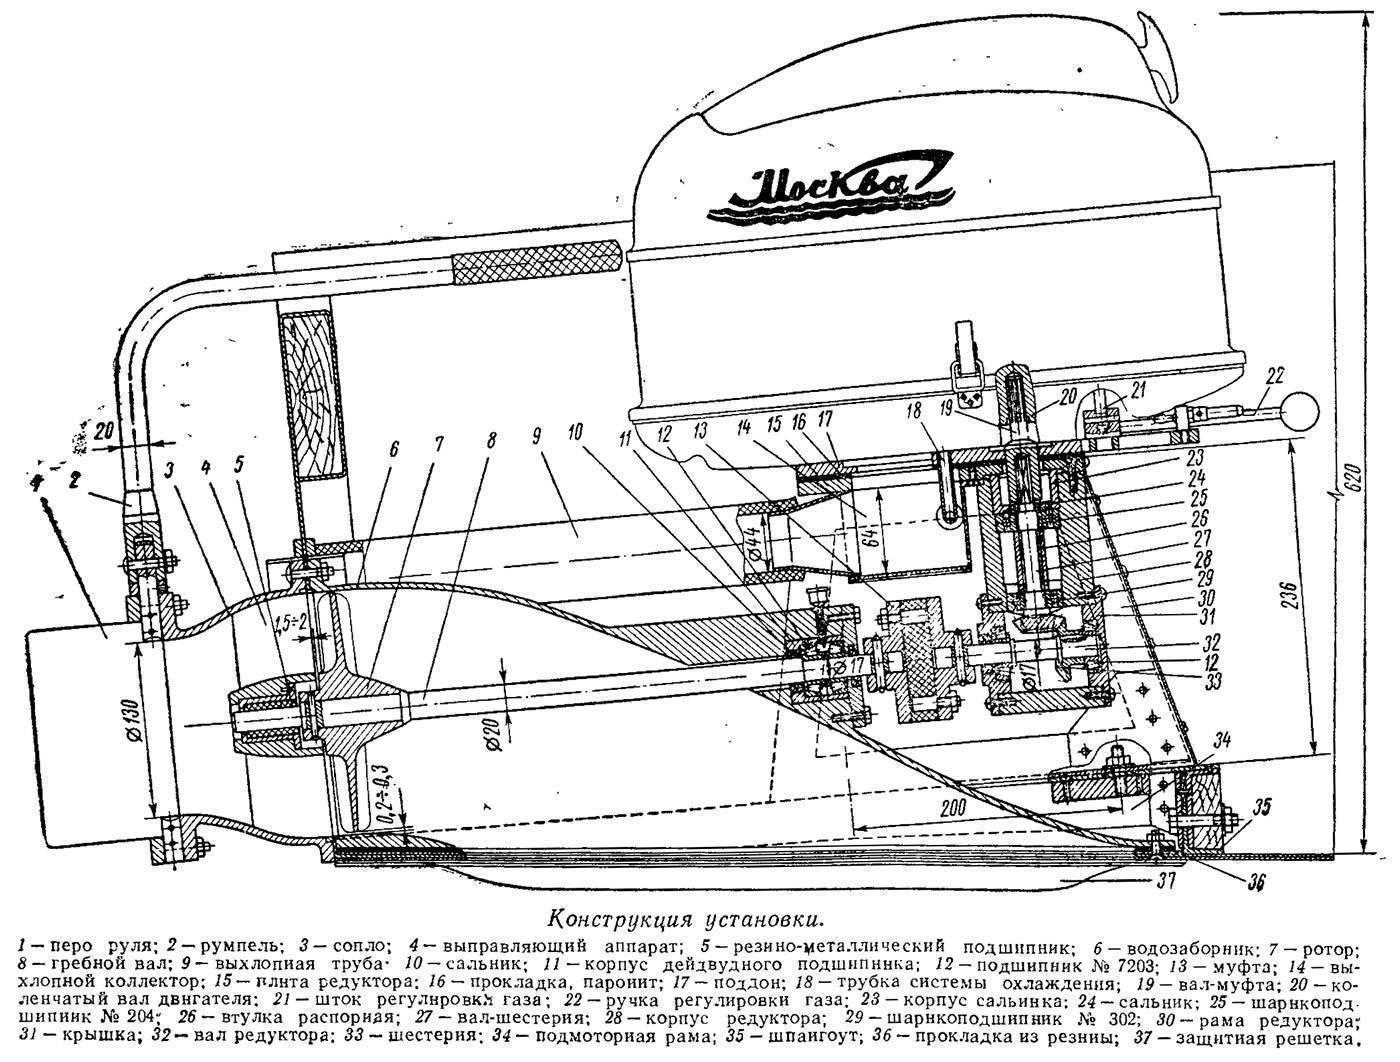 Обзор популярных моделей водометных лодочных моторов